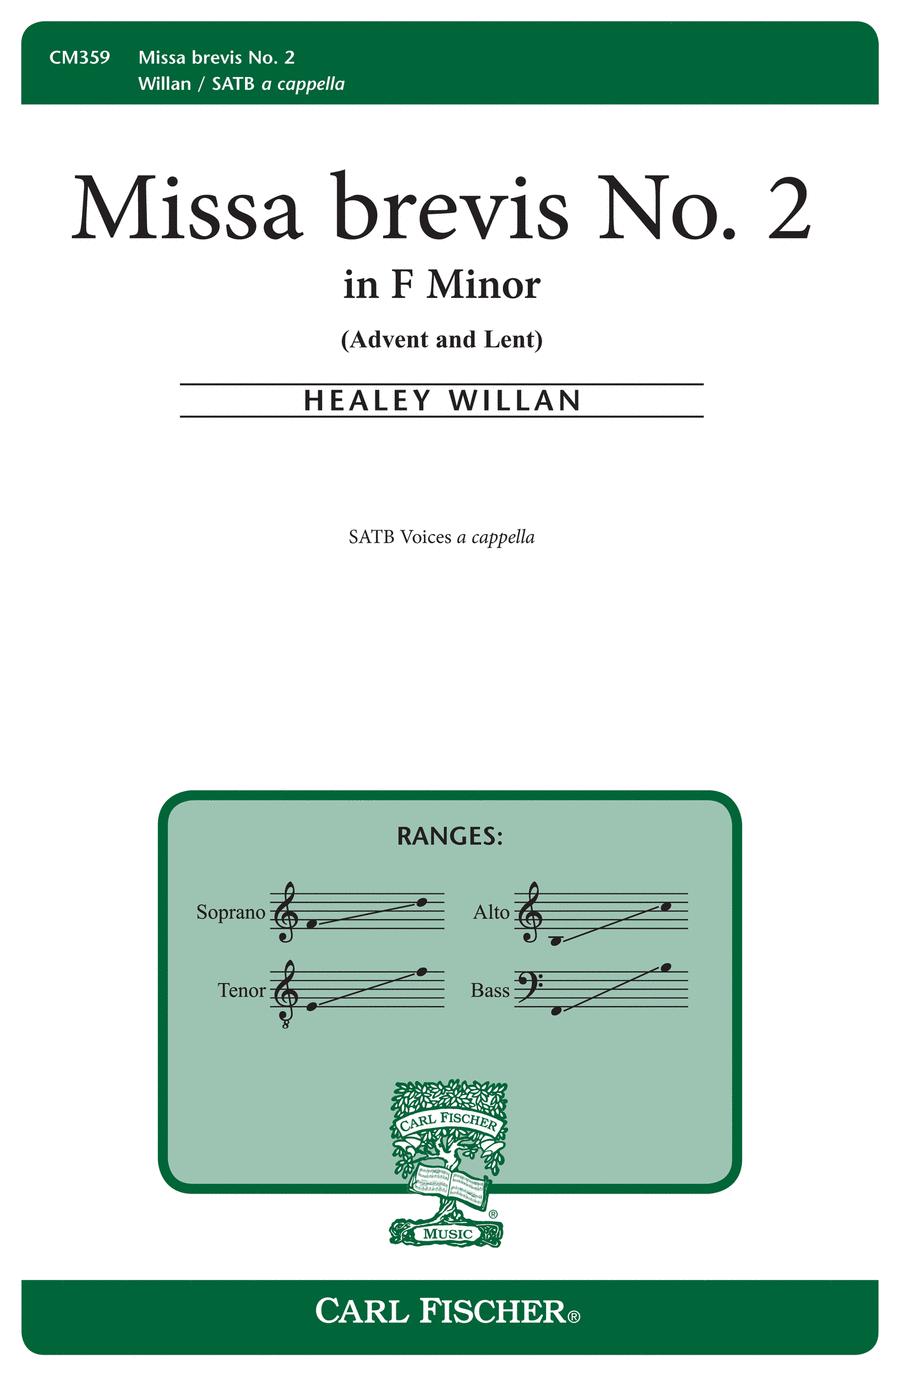 Missa Brevis #2 in F Minor